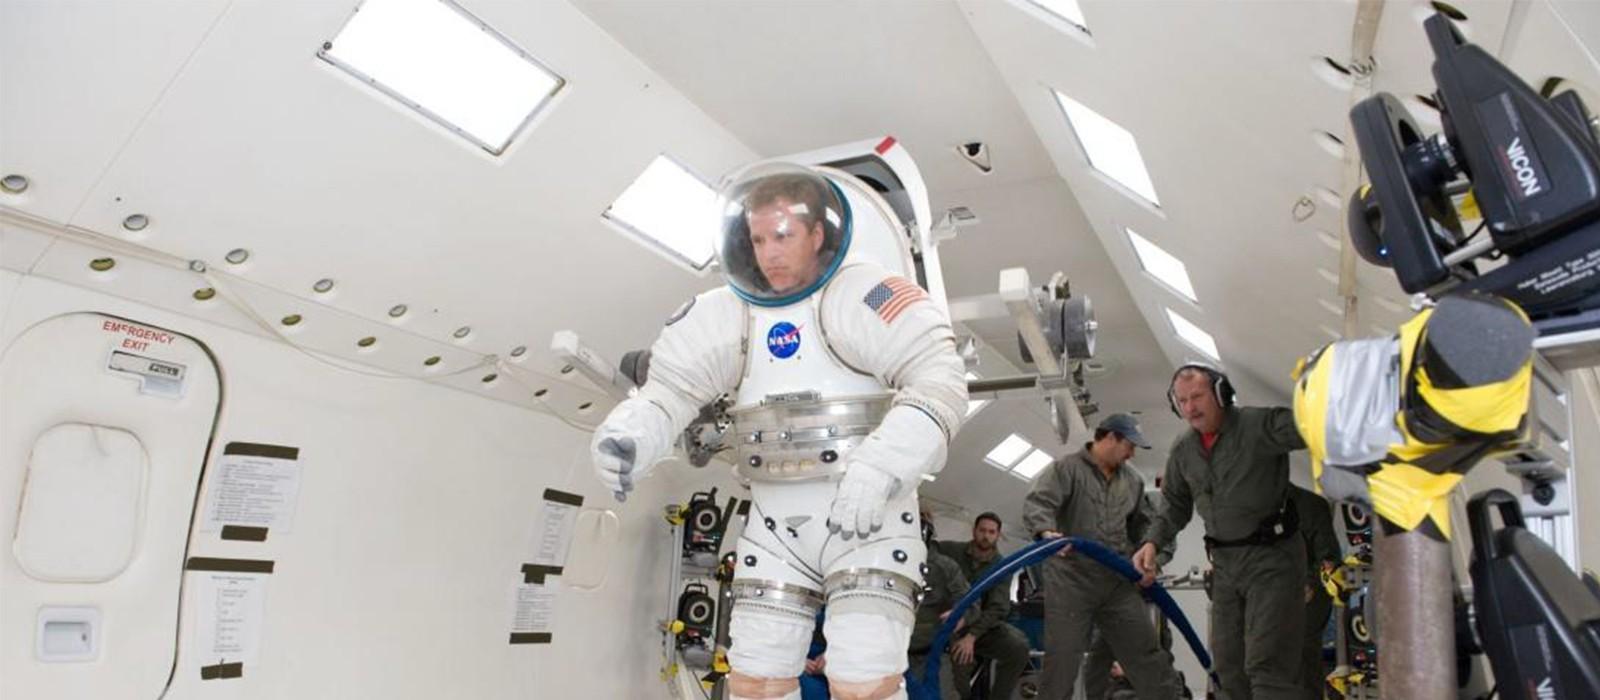 Космический центр имени Джонсона использует системы Vicon для тестирования скафандров и космических транспортных средств